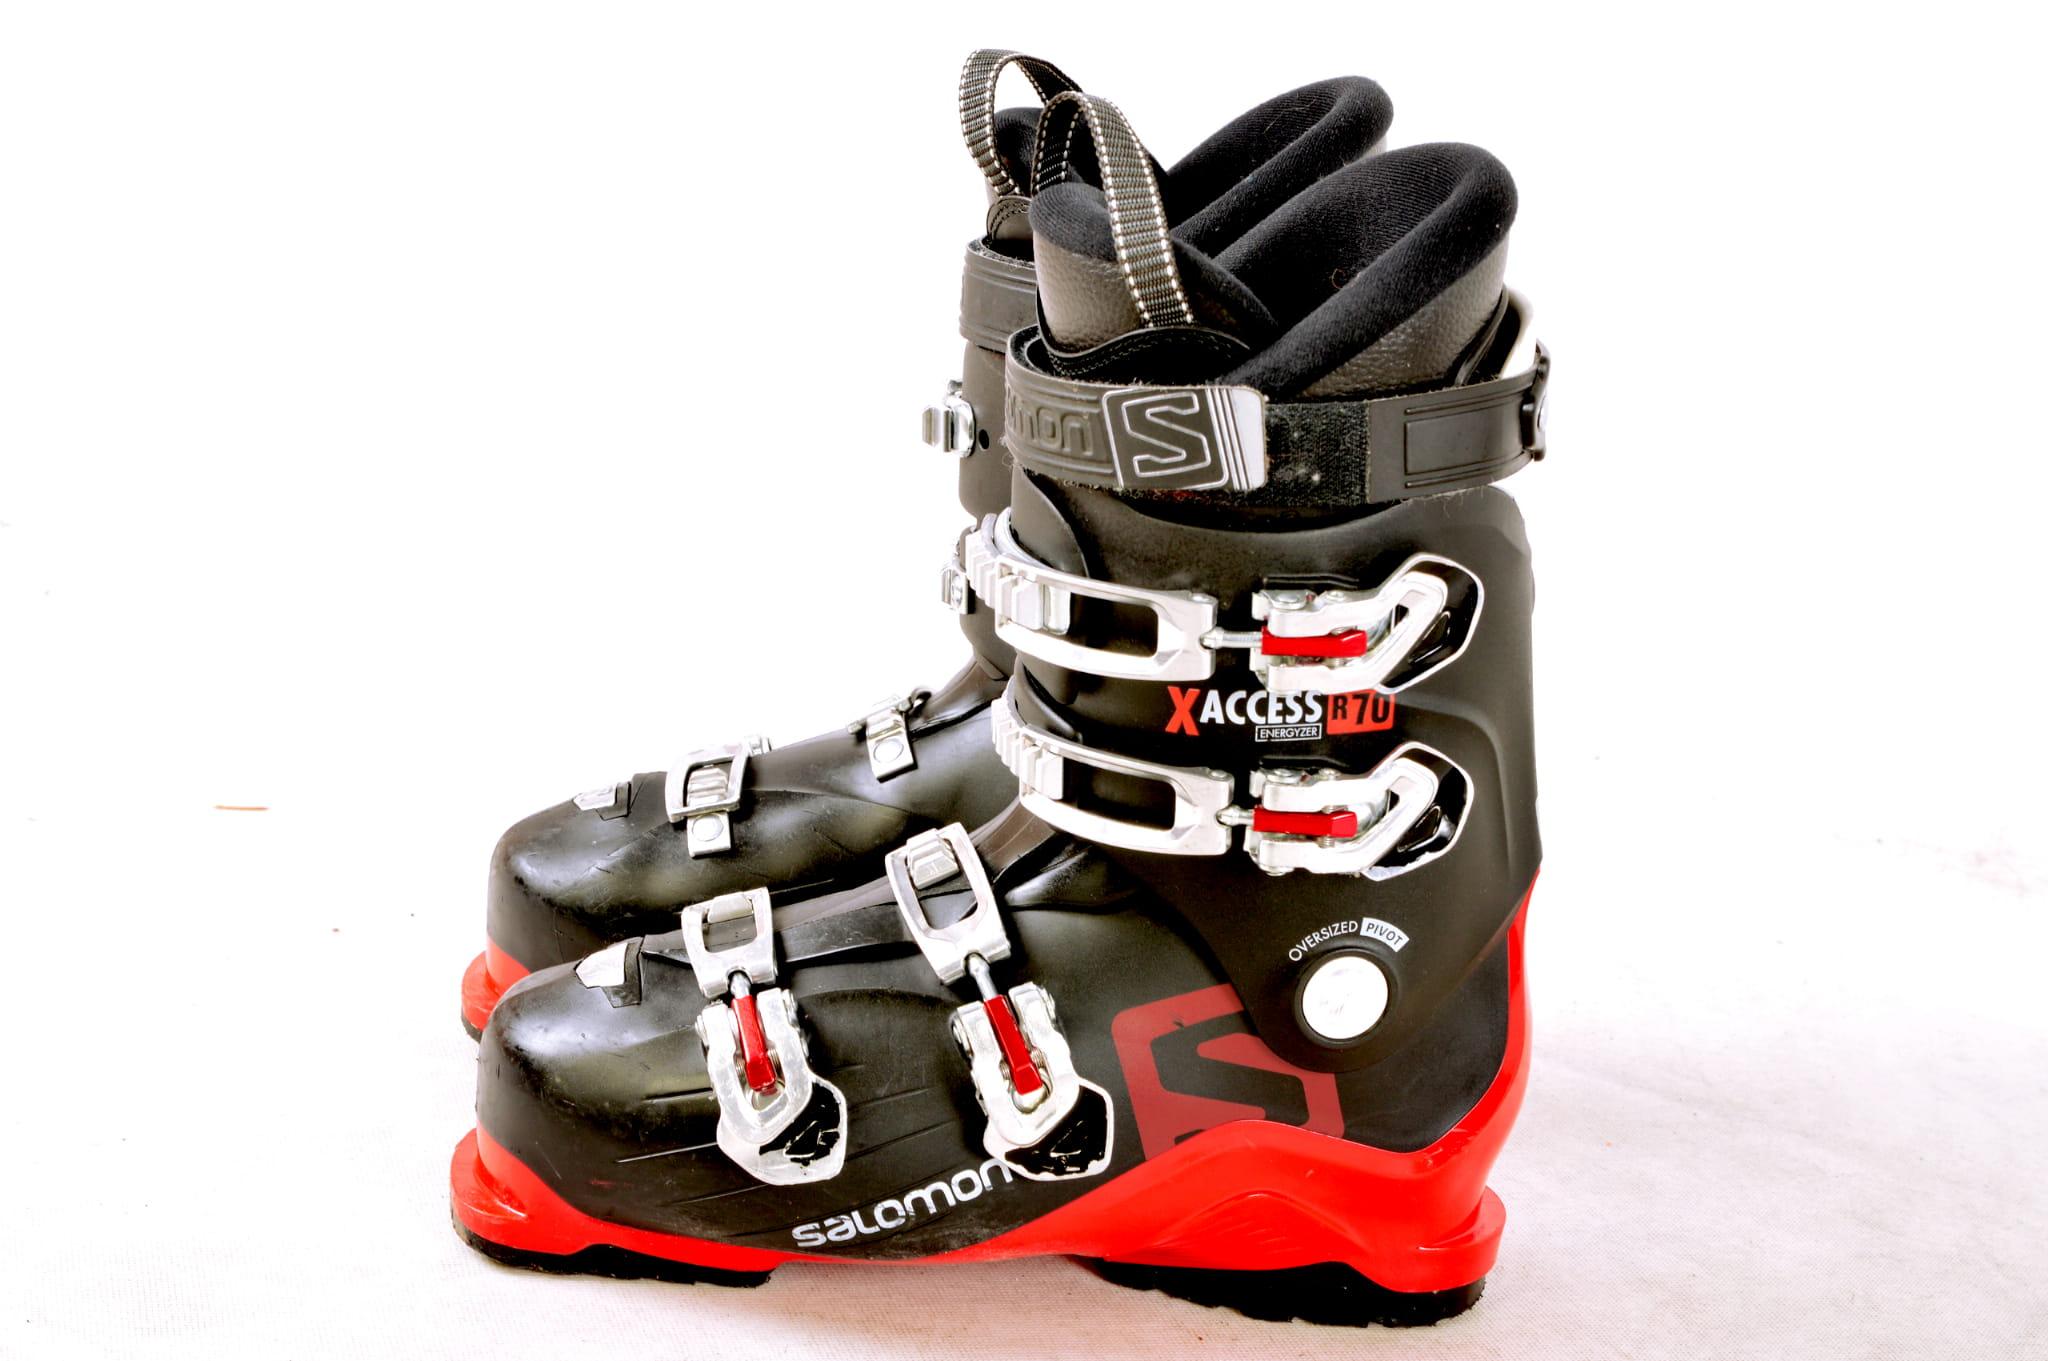 Buty narciarskie SALOMON X ACCESS R70 r.28,5 (44) z22